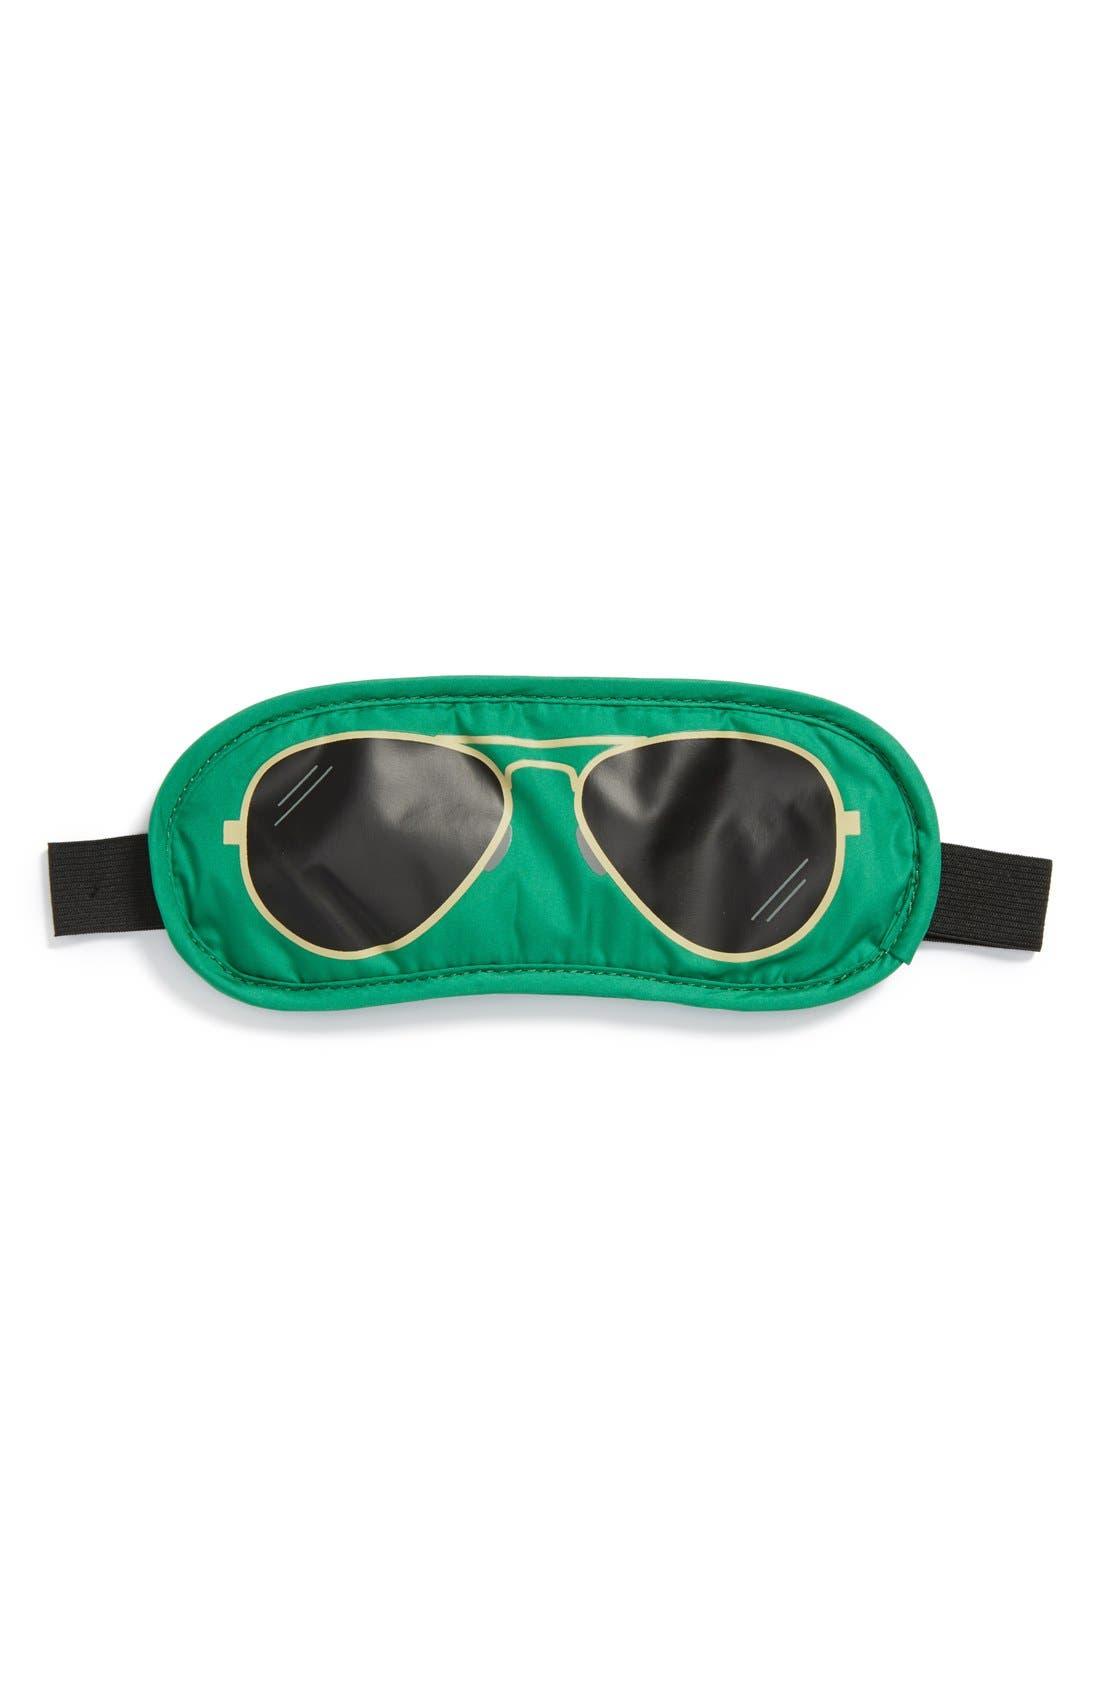 Alternate Image 1 Selected - Flight 001 'Aviators' Sleep Mask